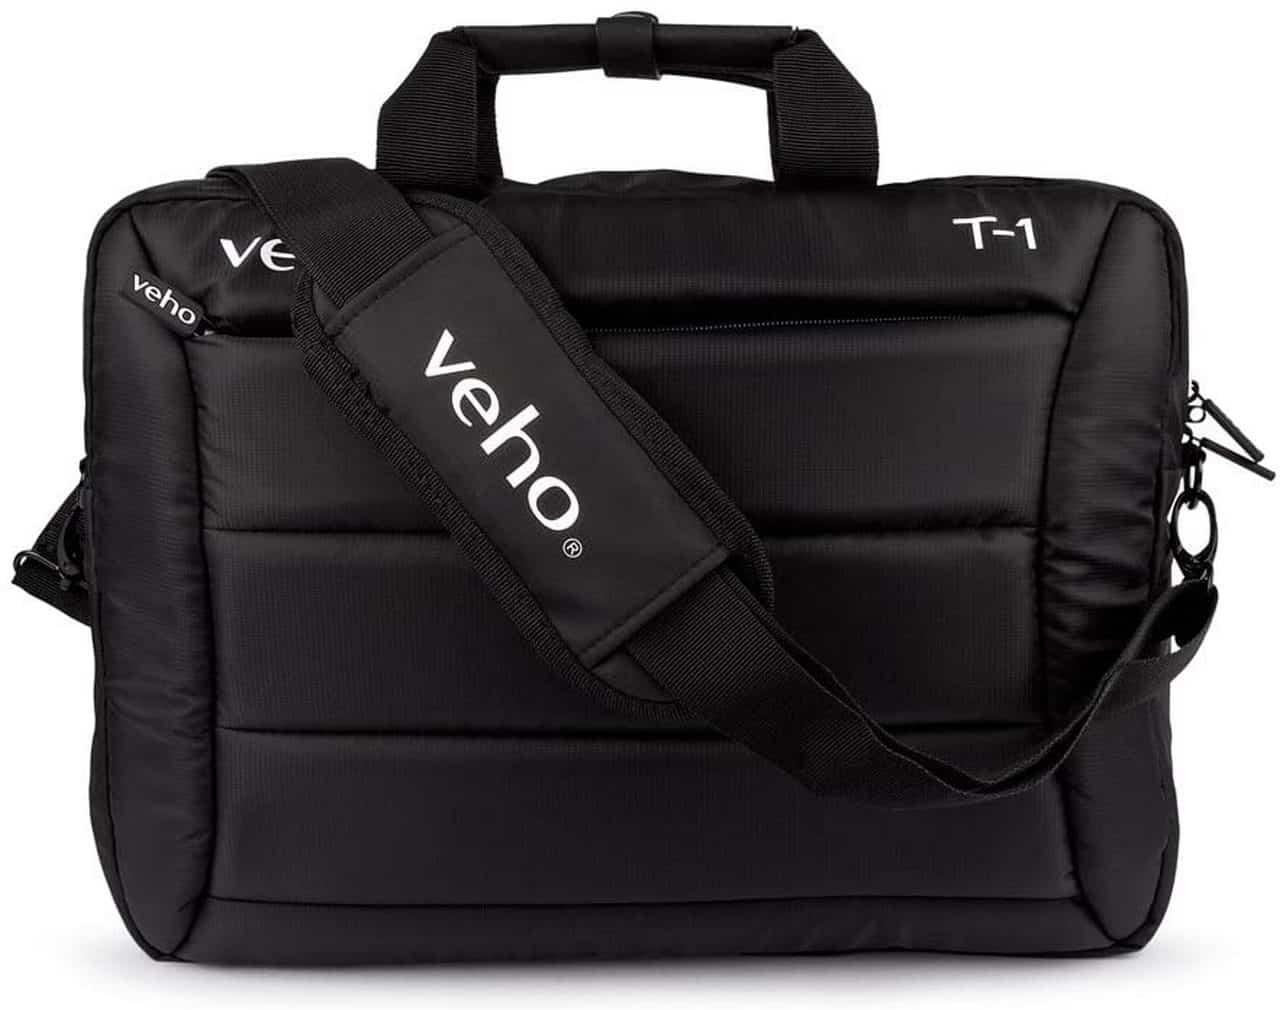 Veho T-2 Hybrid Laptop Bag